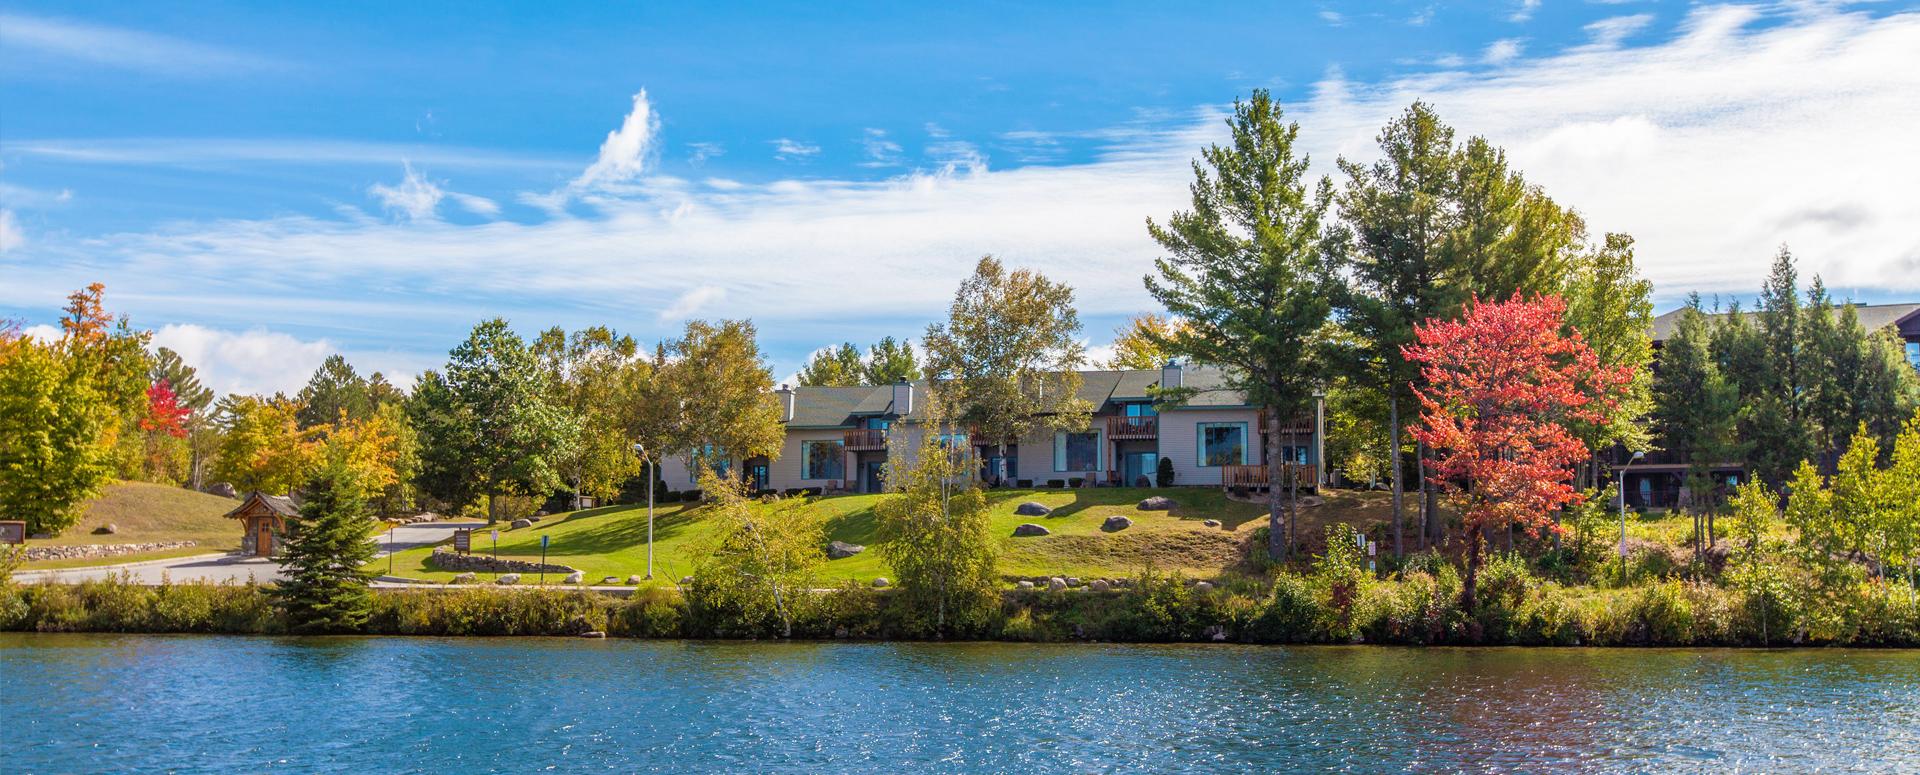 Lake Placid Club Lodges - view from Mirror Lake